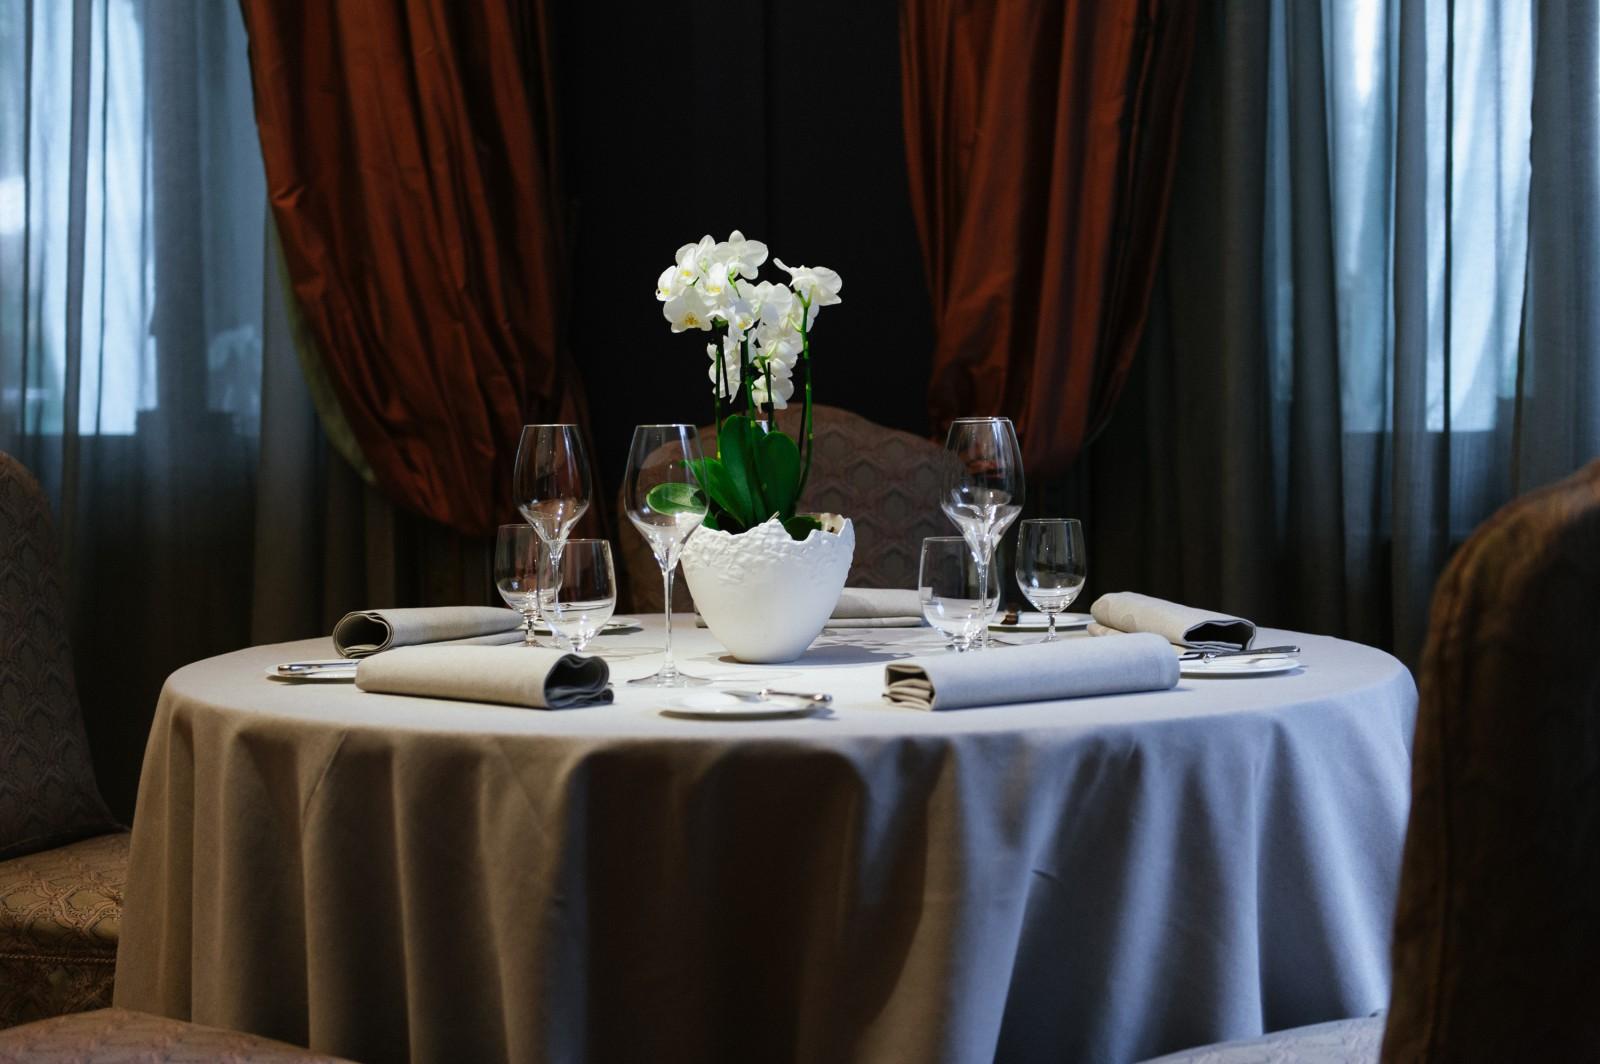 pranzo pasqua ristorantecannavacciuolo